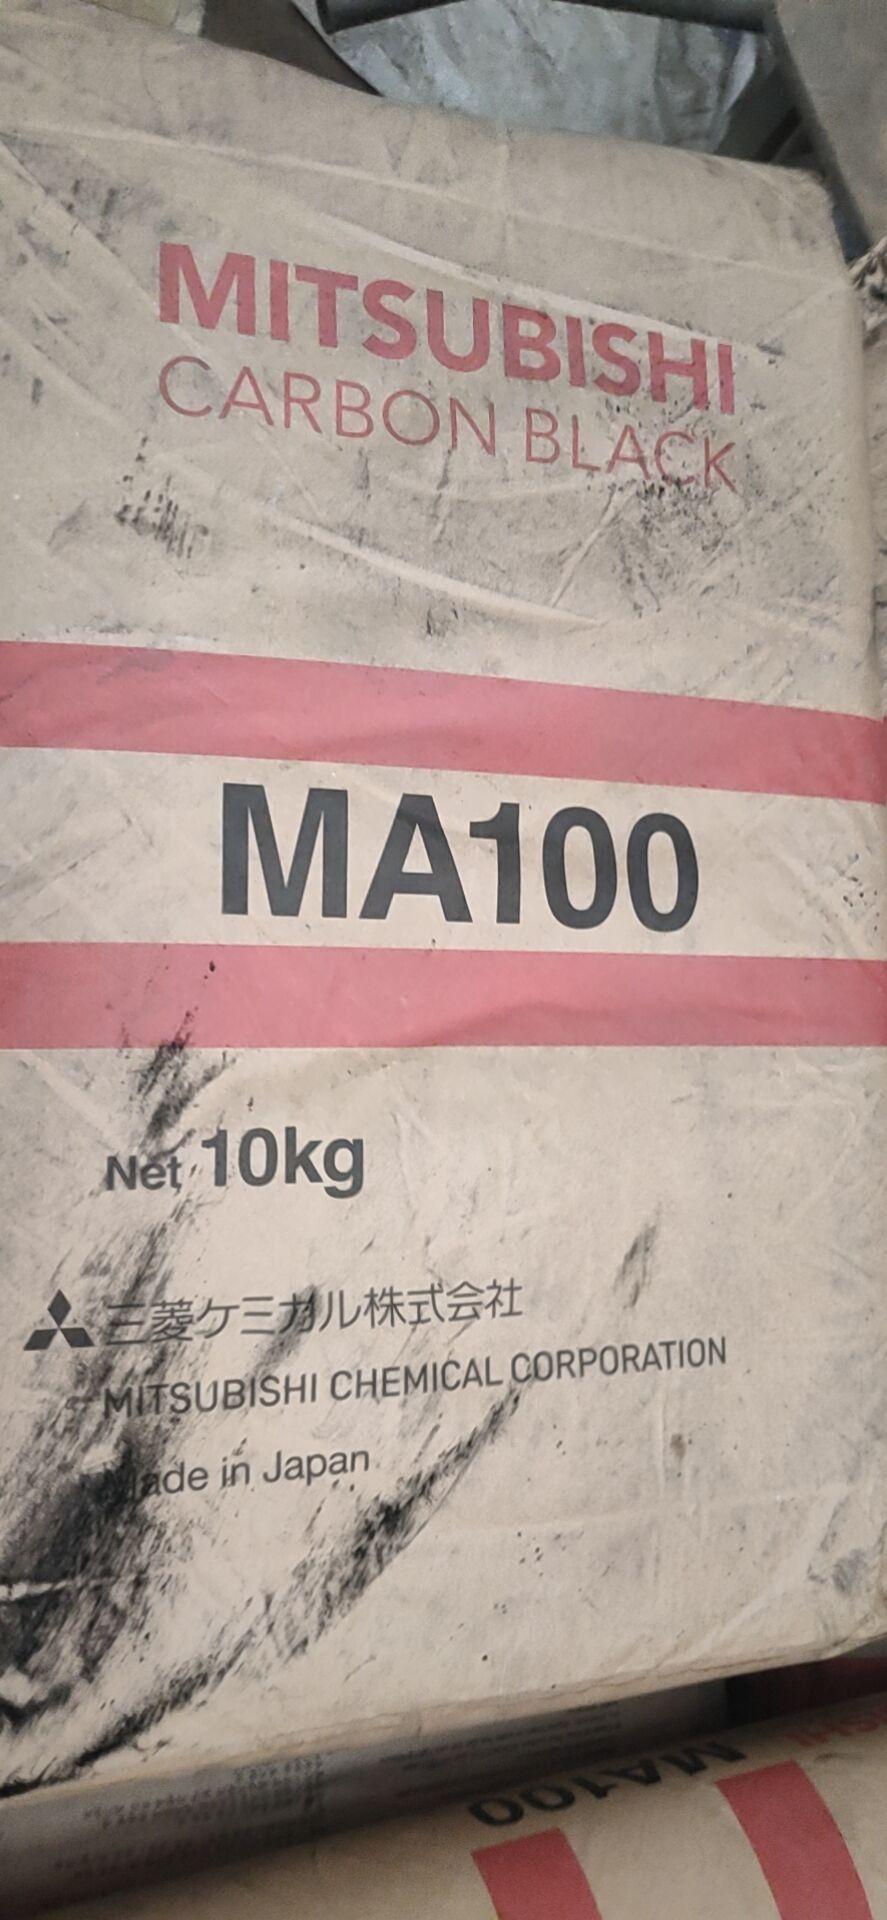 安顺市丙烯酸树脂-高价回收-长期合作